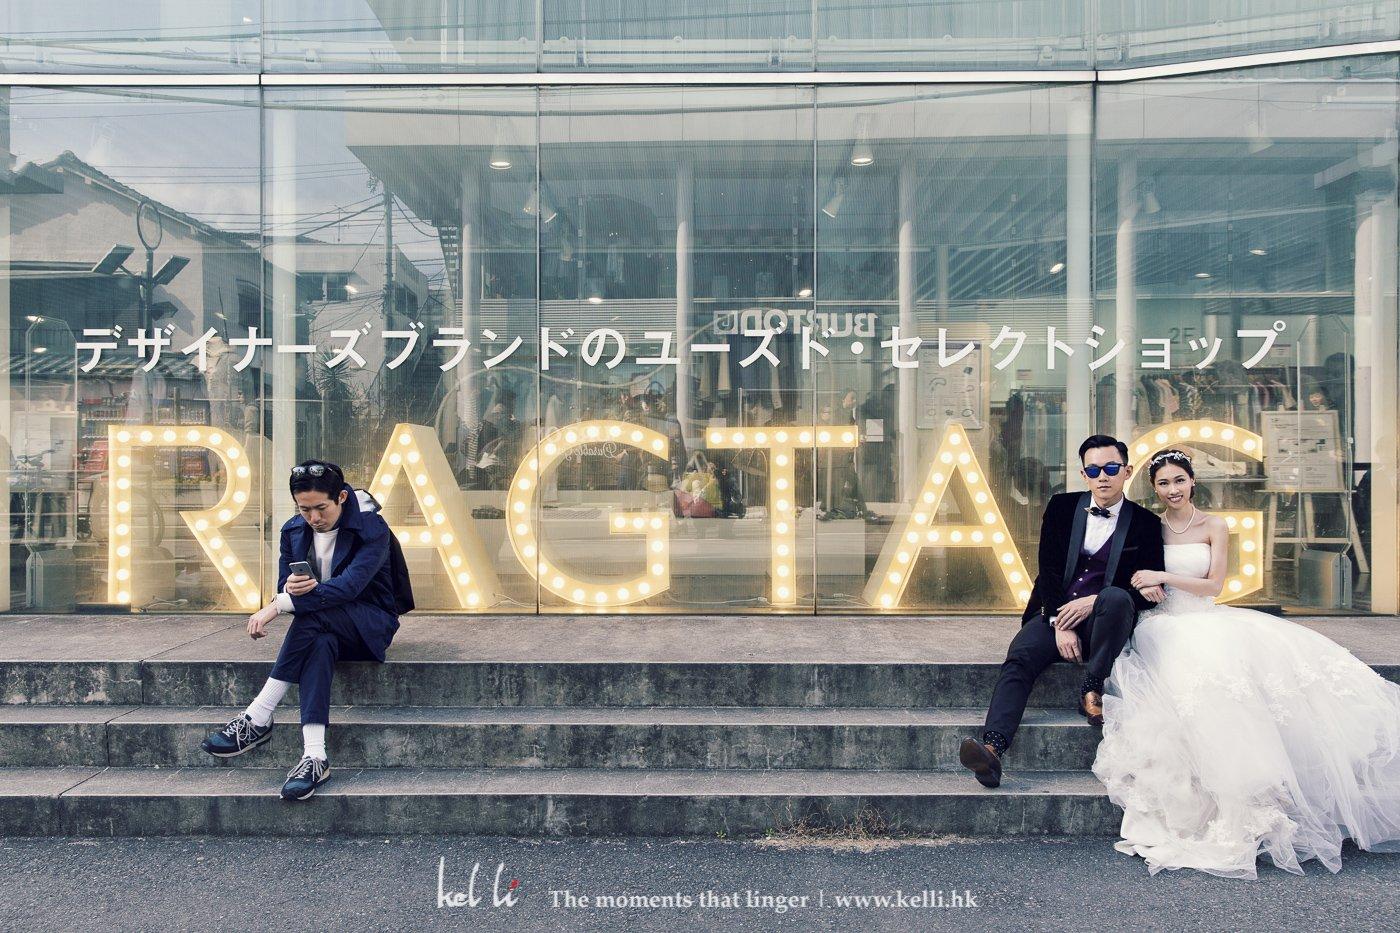 東京的服裝店門口拍攝,大城市當然不能所有相片都沒人,有時候將路人加進婚紗相片裡,也很有意思。